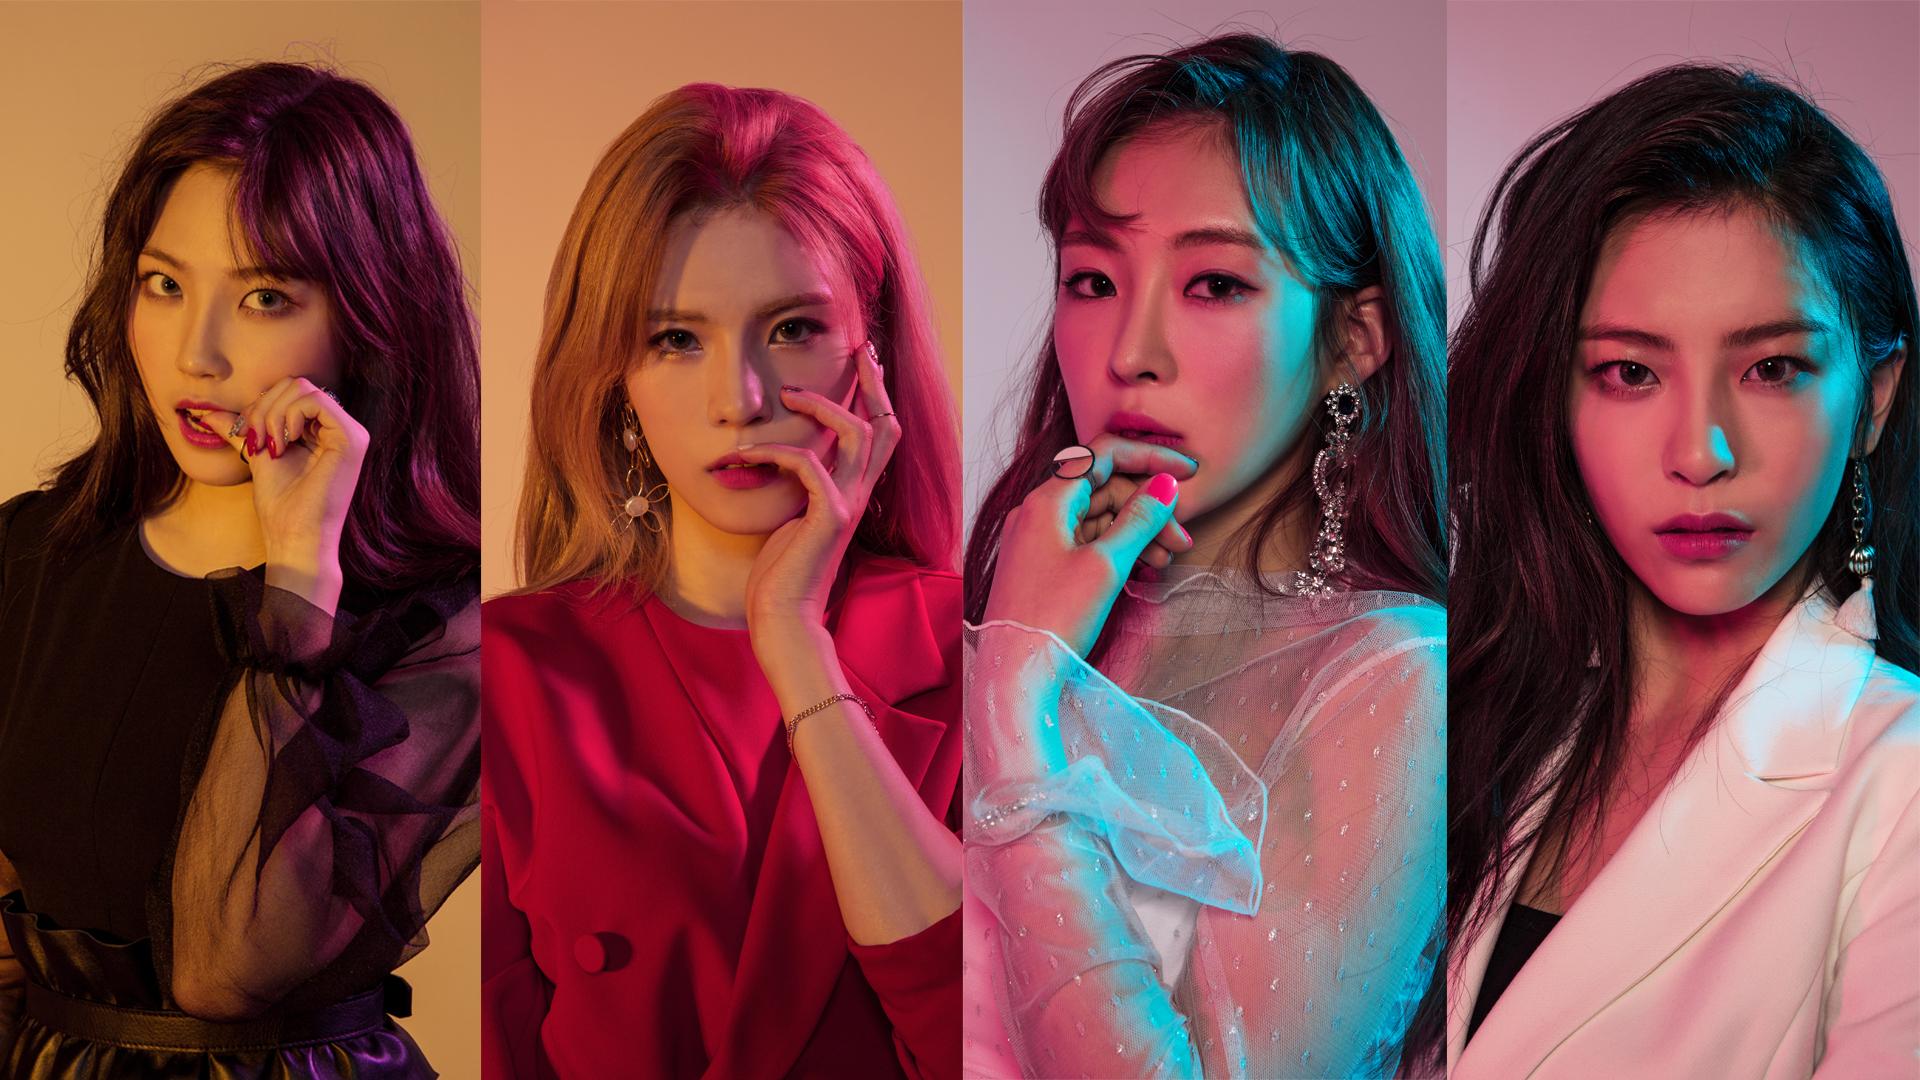 Neon Punch:サバイバルオーディション番組「MIX NINE」で最高7位に入ったベカをはじめ、抜群のルックスと実力でYGエンタテイメントのヤン・ヒョンソク代表をうならせたメンバーが集結し、今年 6月韓国でデビュー。8月には日本初のファンミーティング& リリースイベントを開催。今後日本でもさらなるブレイクが期待されるガールズグループ!